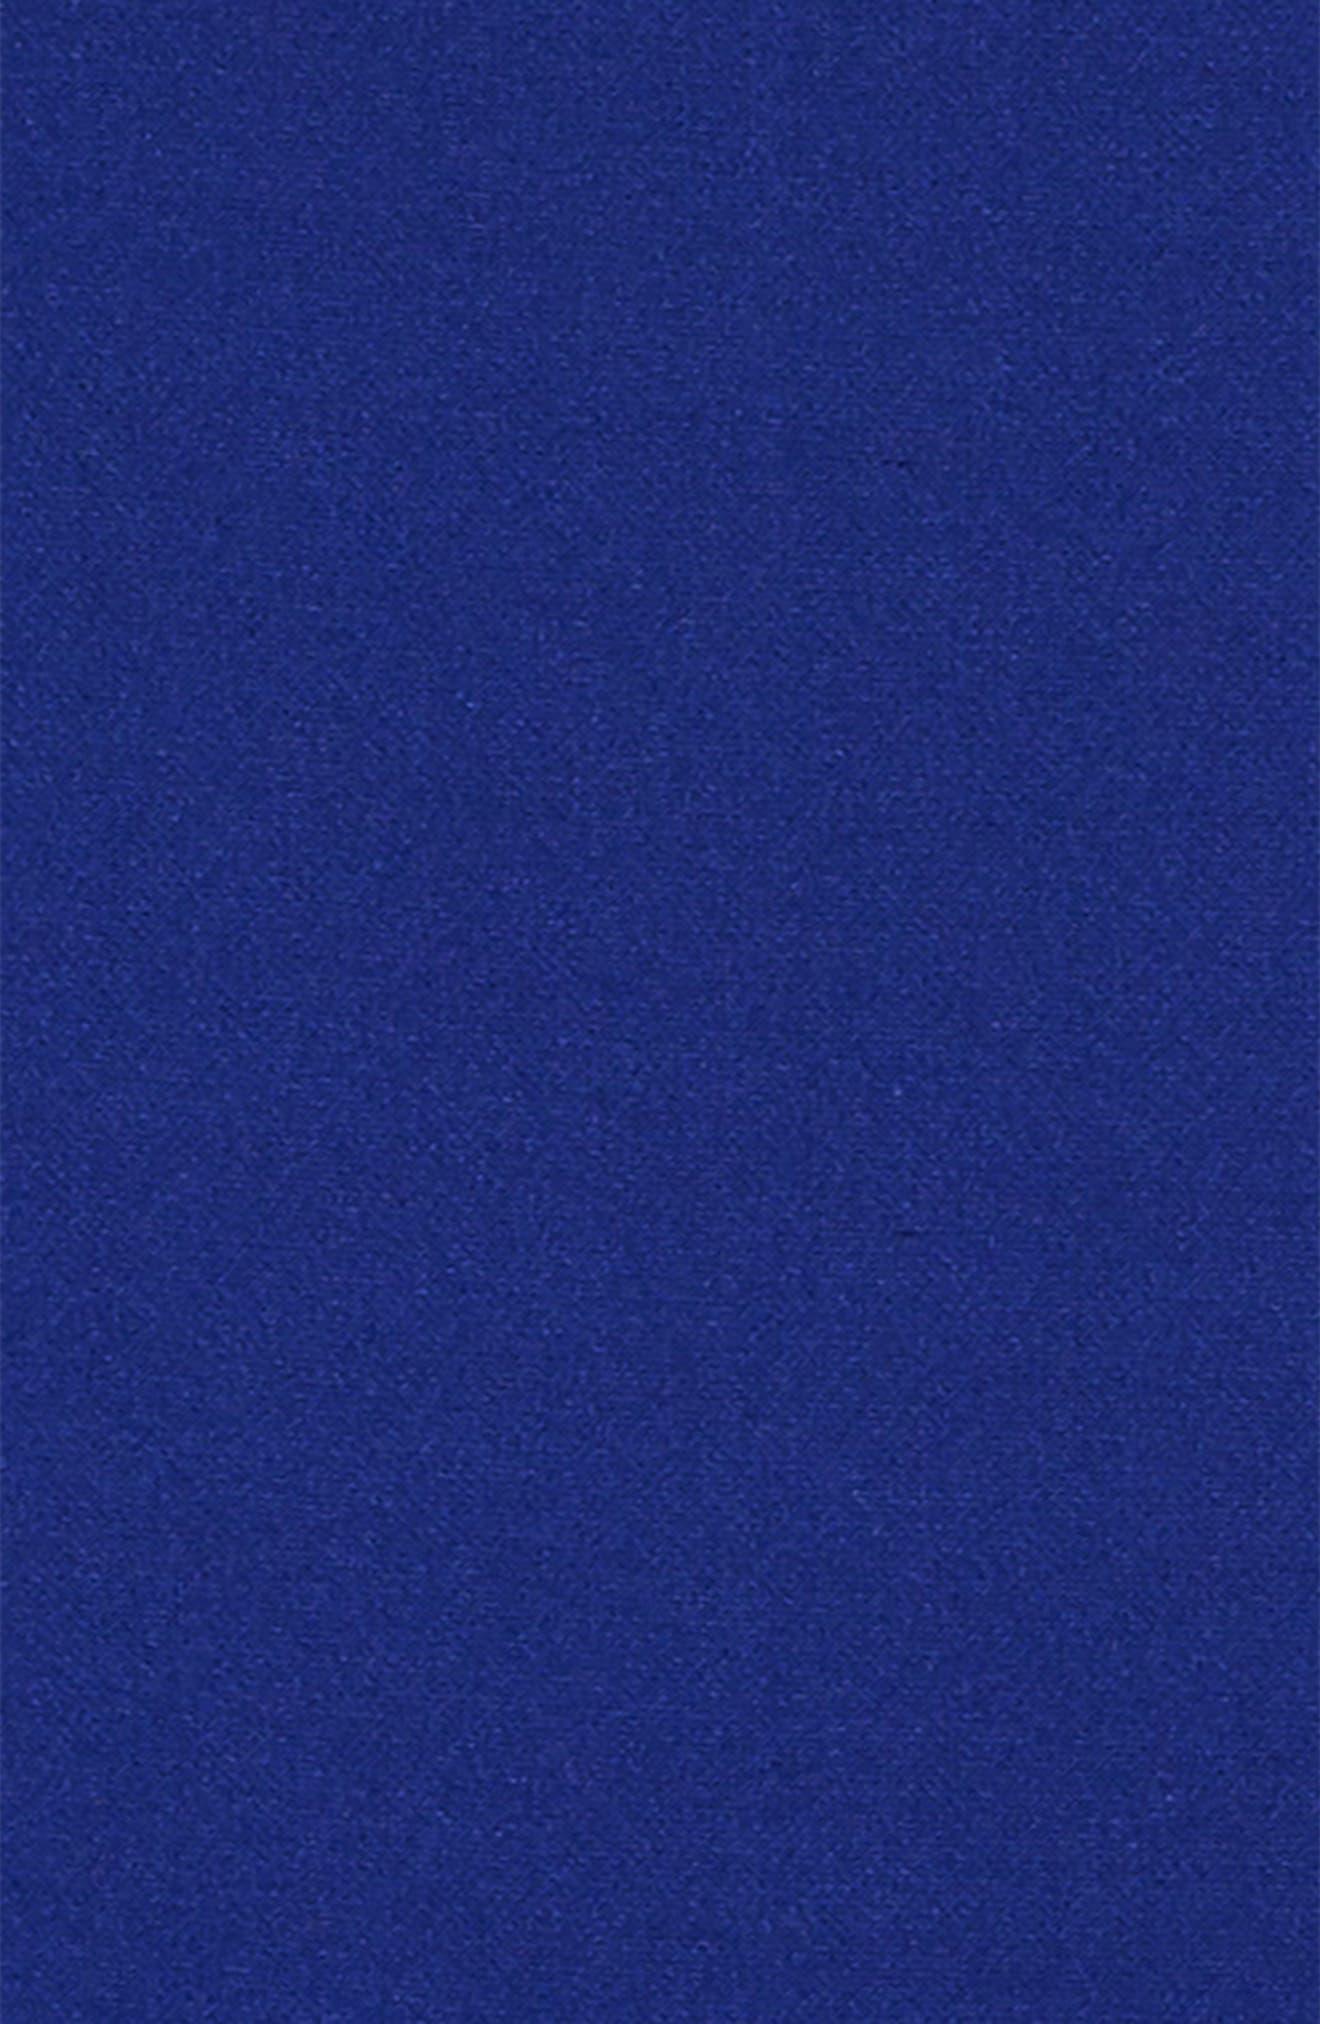 Cap Sleeve Skater Dress,                             Alternate thumbnail 3, color,                             Cobalt